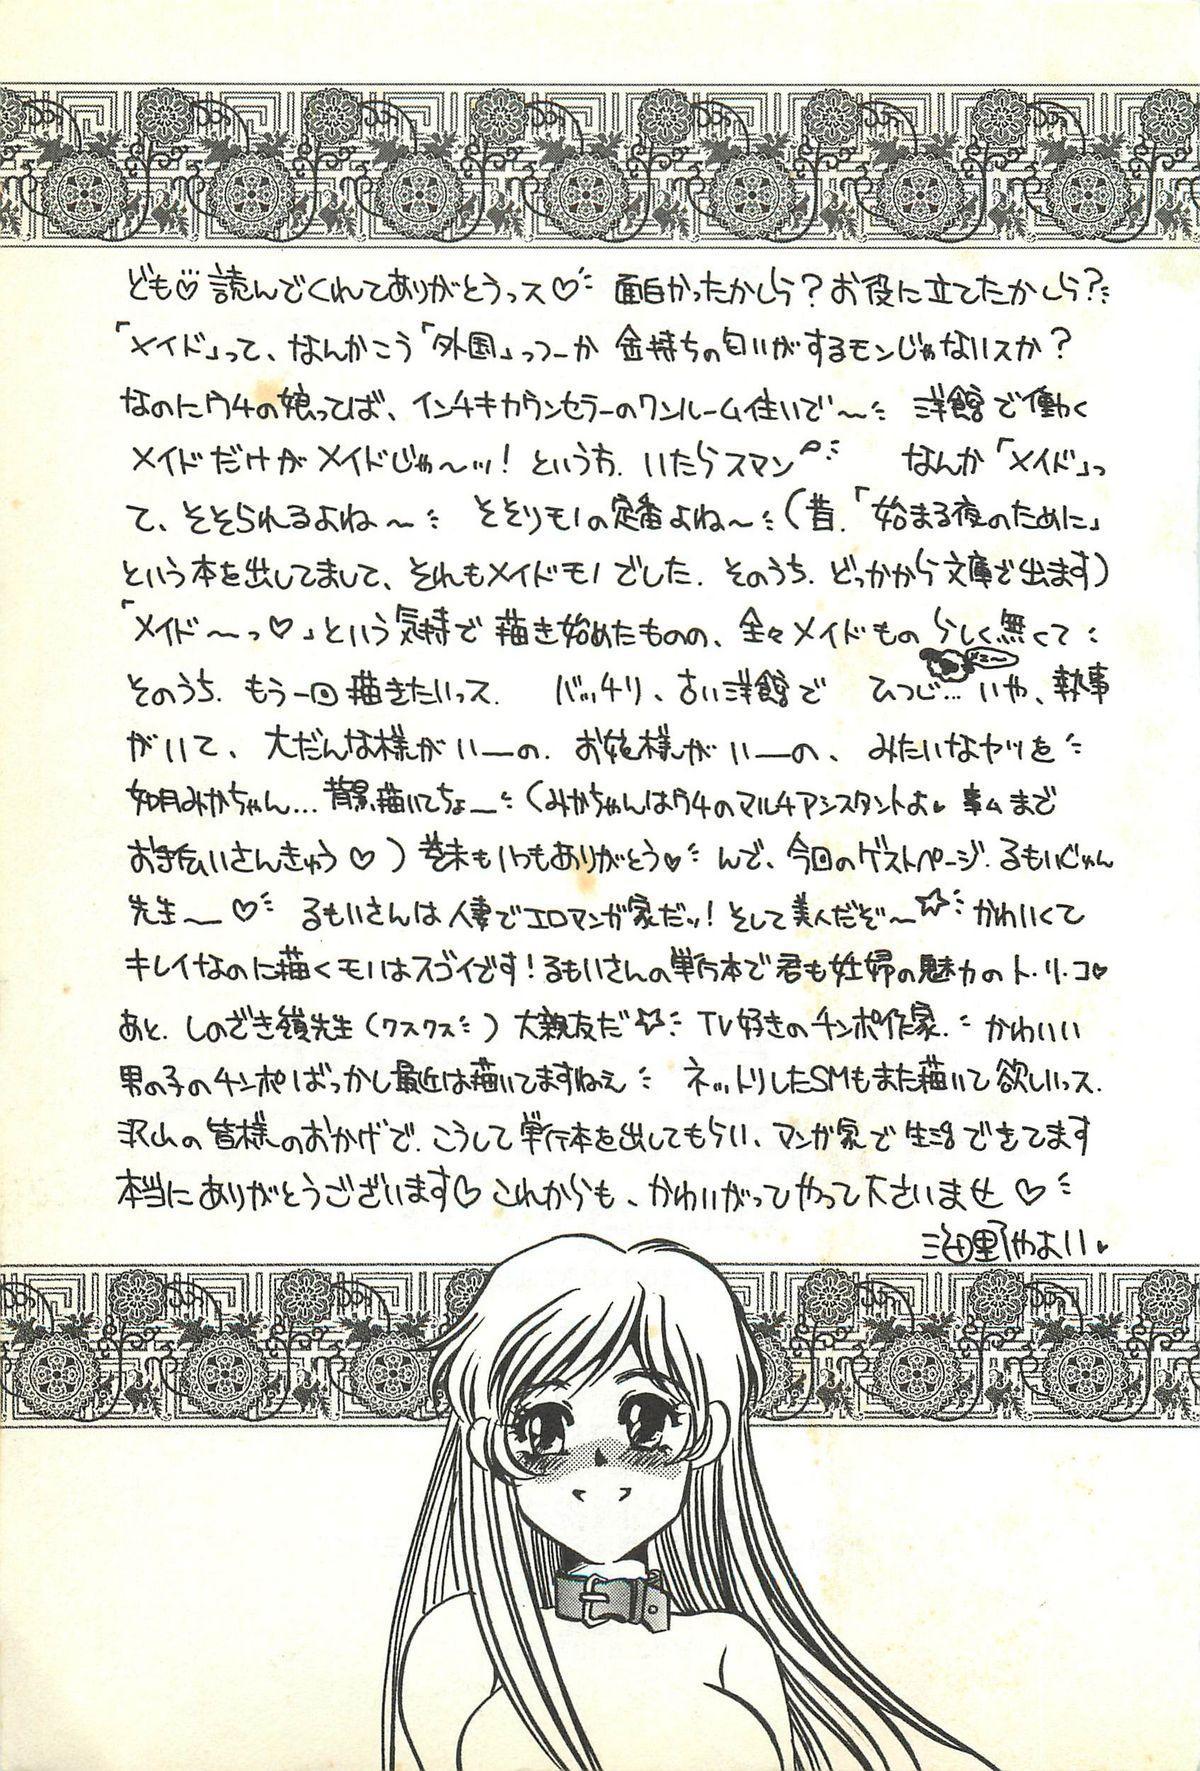 Chigyaku no Heya - A Shameful Punishment Room 170